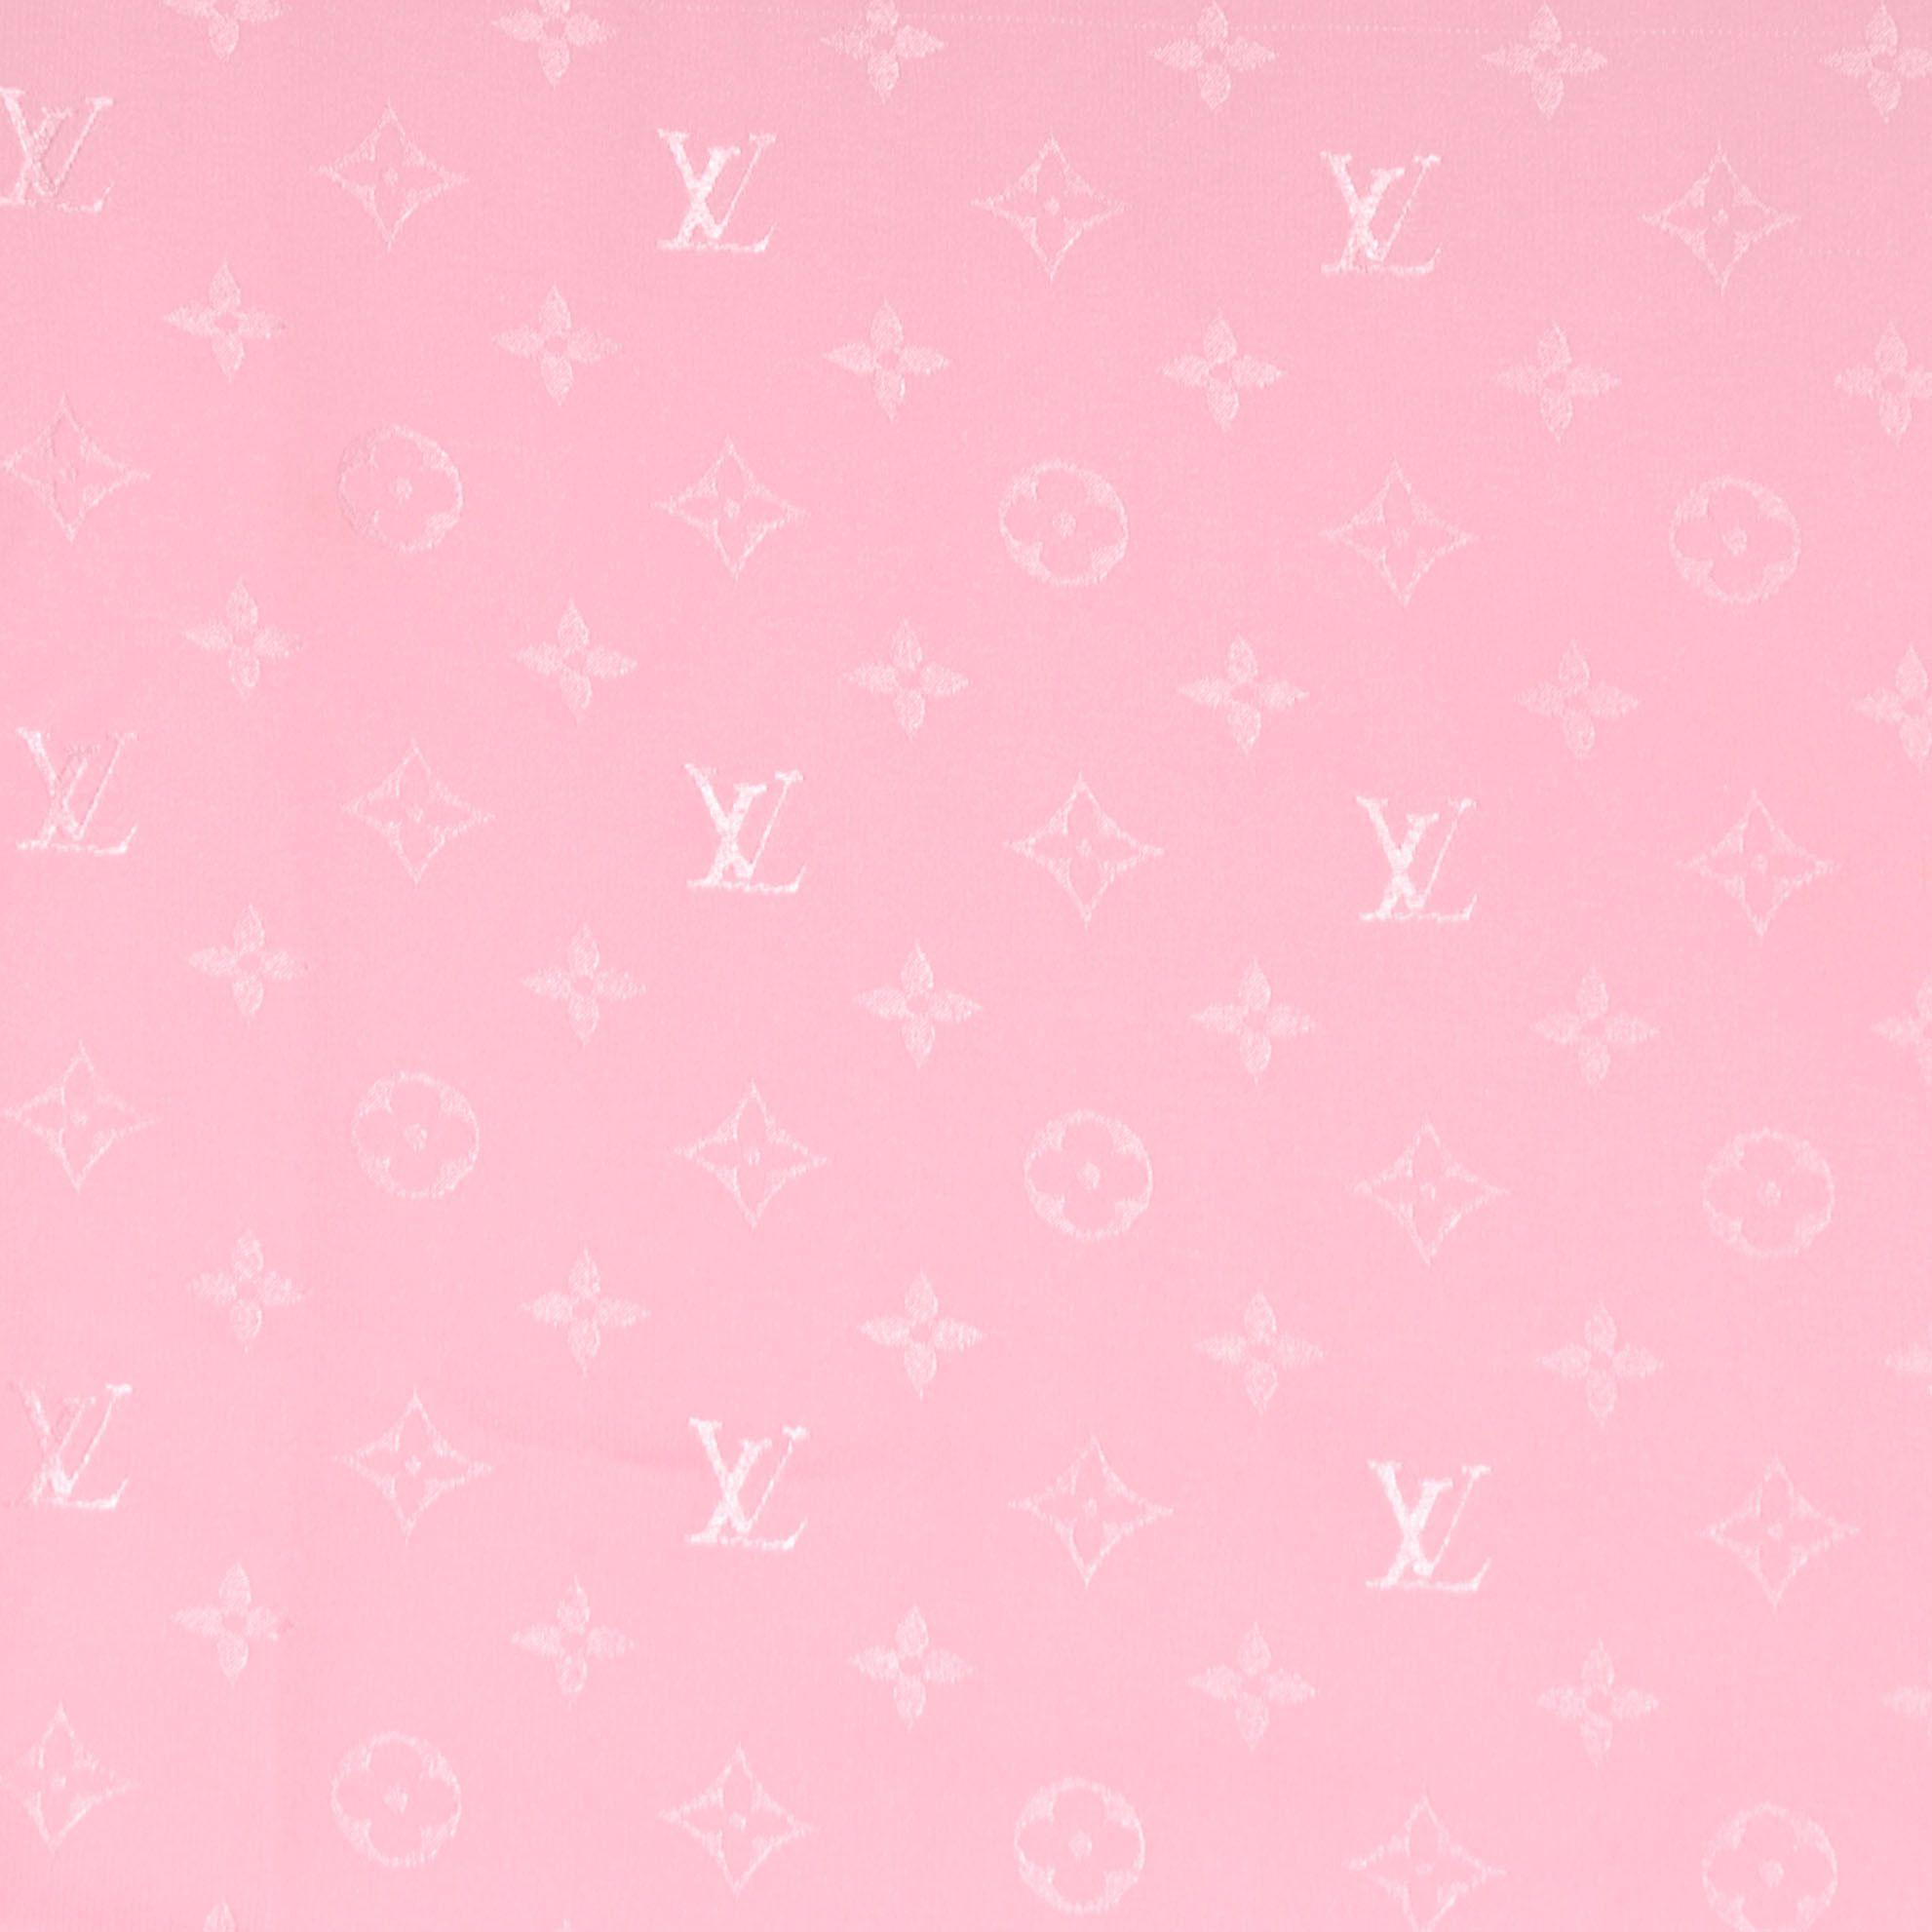 y2k aesthetic wallpaper pc y2k aesthetic wallpapers